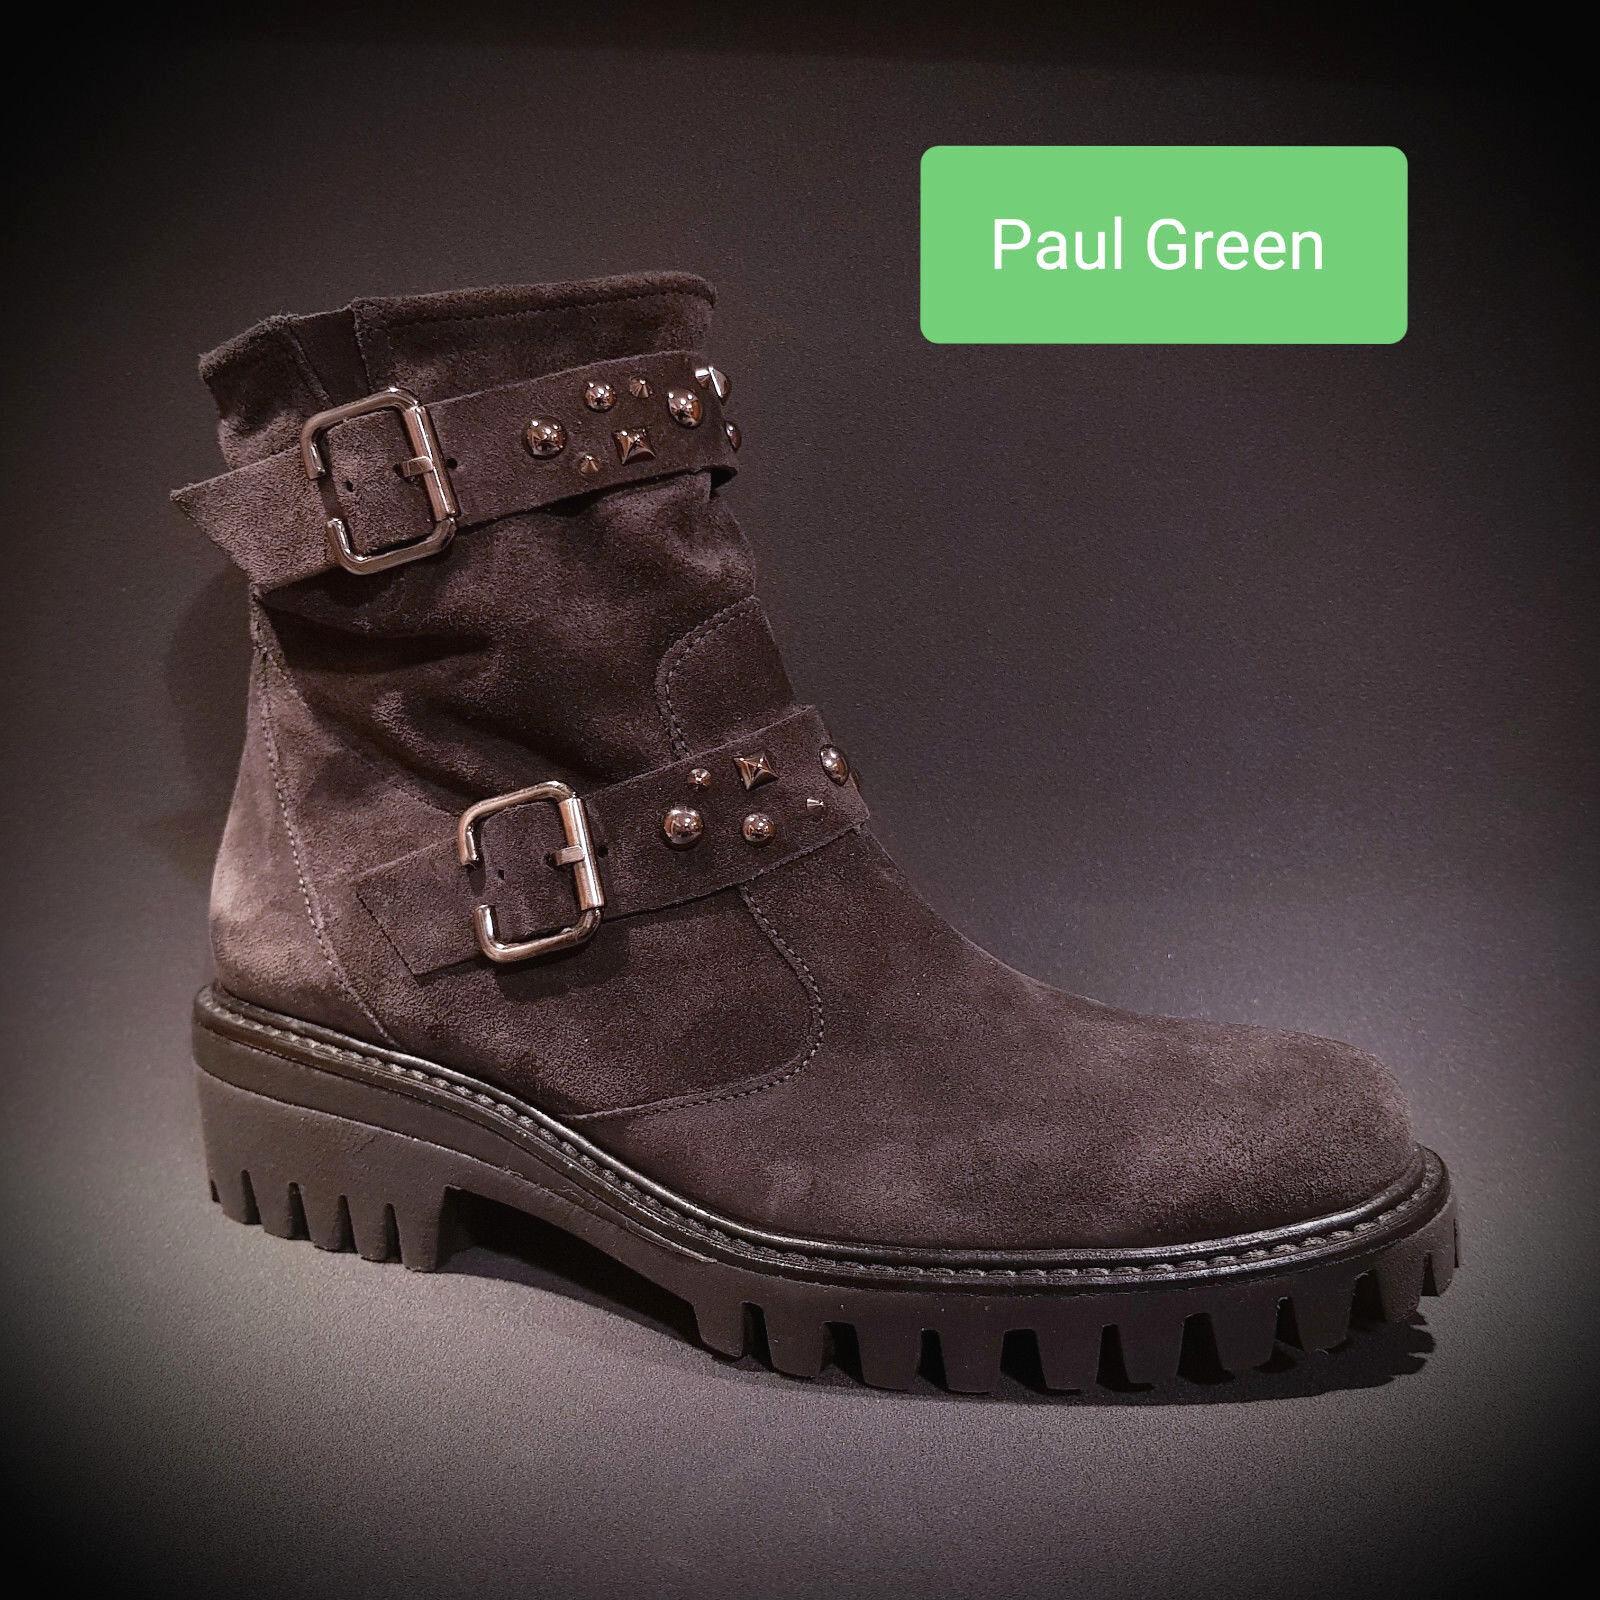 edizione limitata a caldo NUOVO Paul verde Stivali da donna grigio grigio grigio antracite suede pelle 9330 013 sale  acquisti online